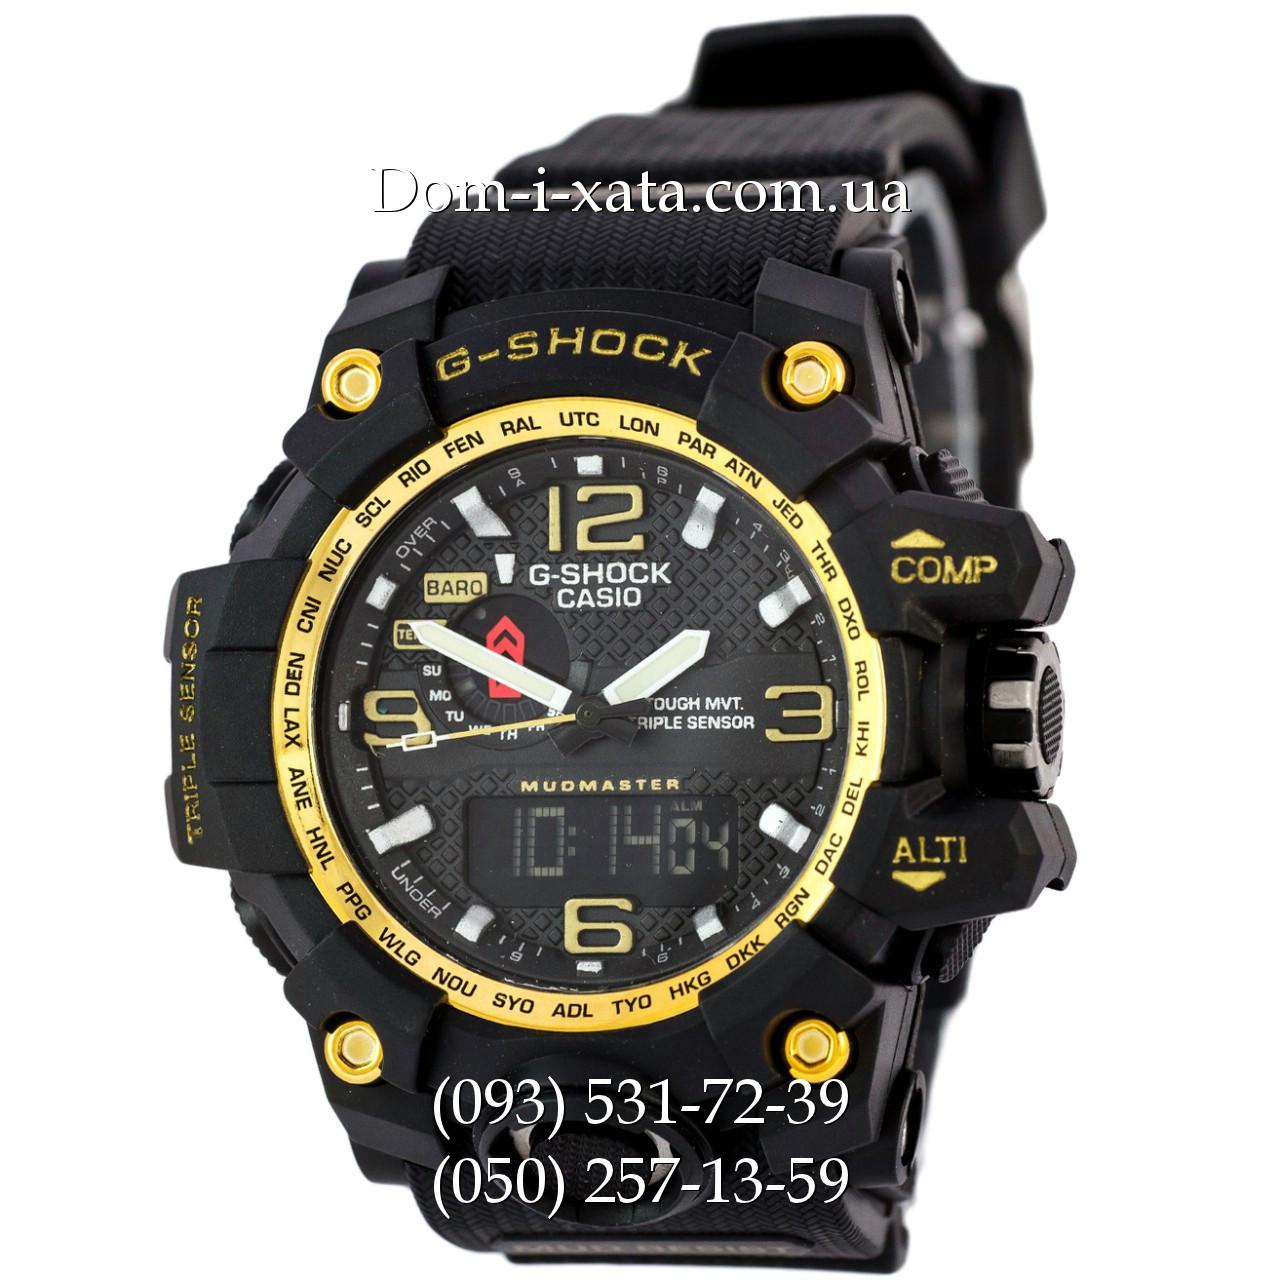 Электронные часы Casio G-Shock GWG 1000 Black/Gold, спортивные часы Джи Шок(черно-золотистые), реплика отличное качество!